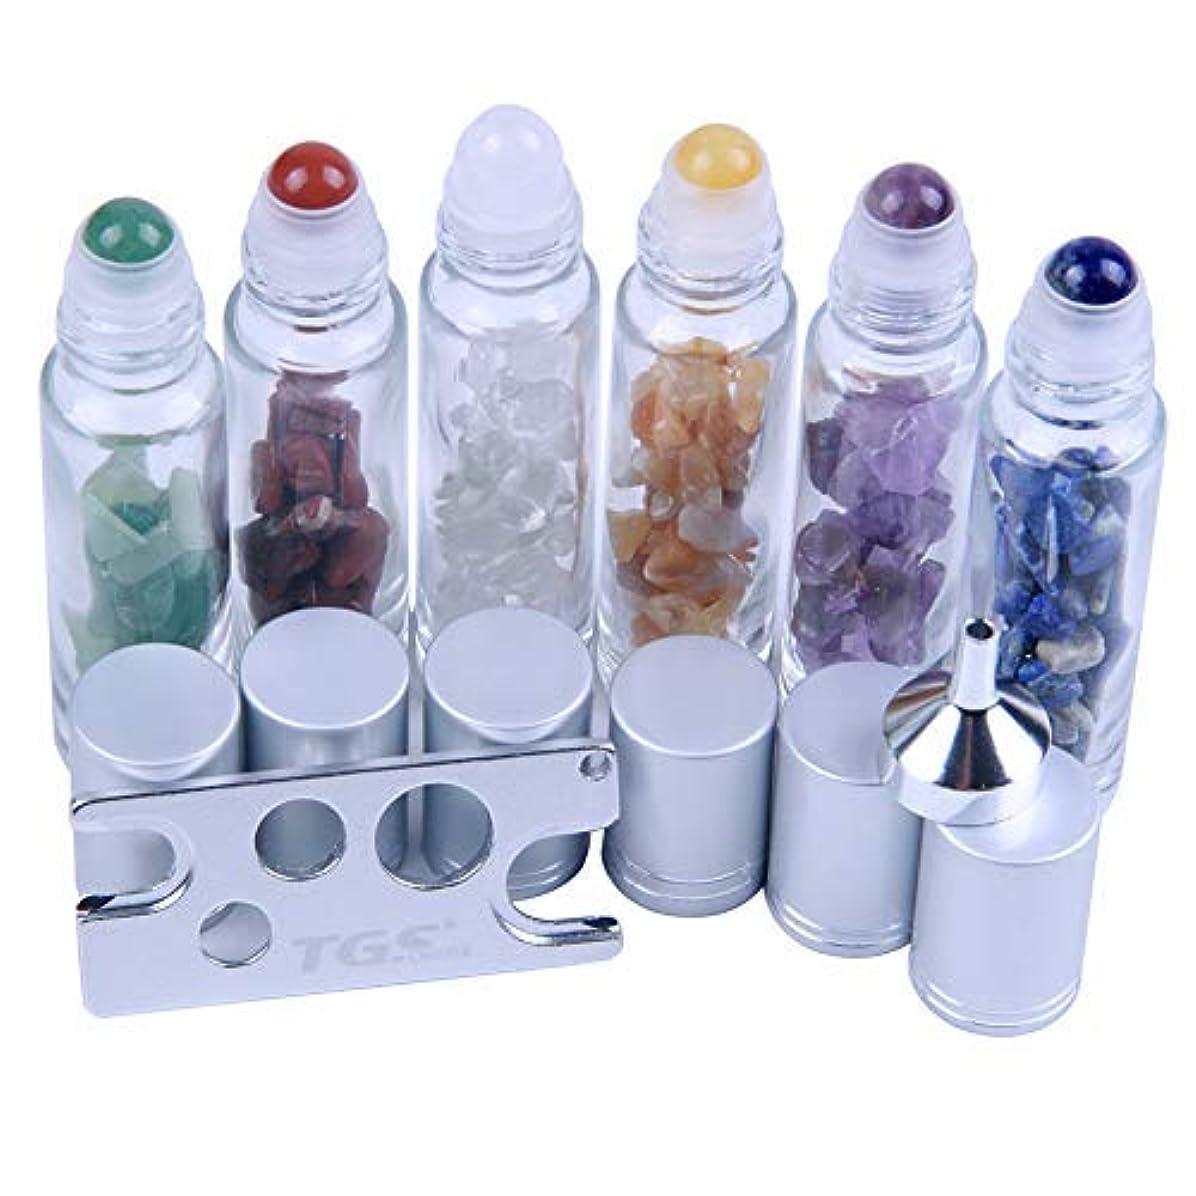 したい最初にだらしない10 ml Roller Balls for Essential Oils - Small Glass Roller Bottles with Decorative Tops & Mini Tumbled Gemstone...